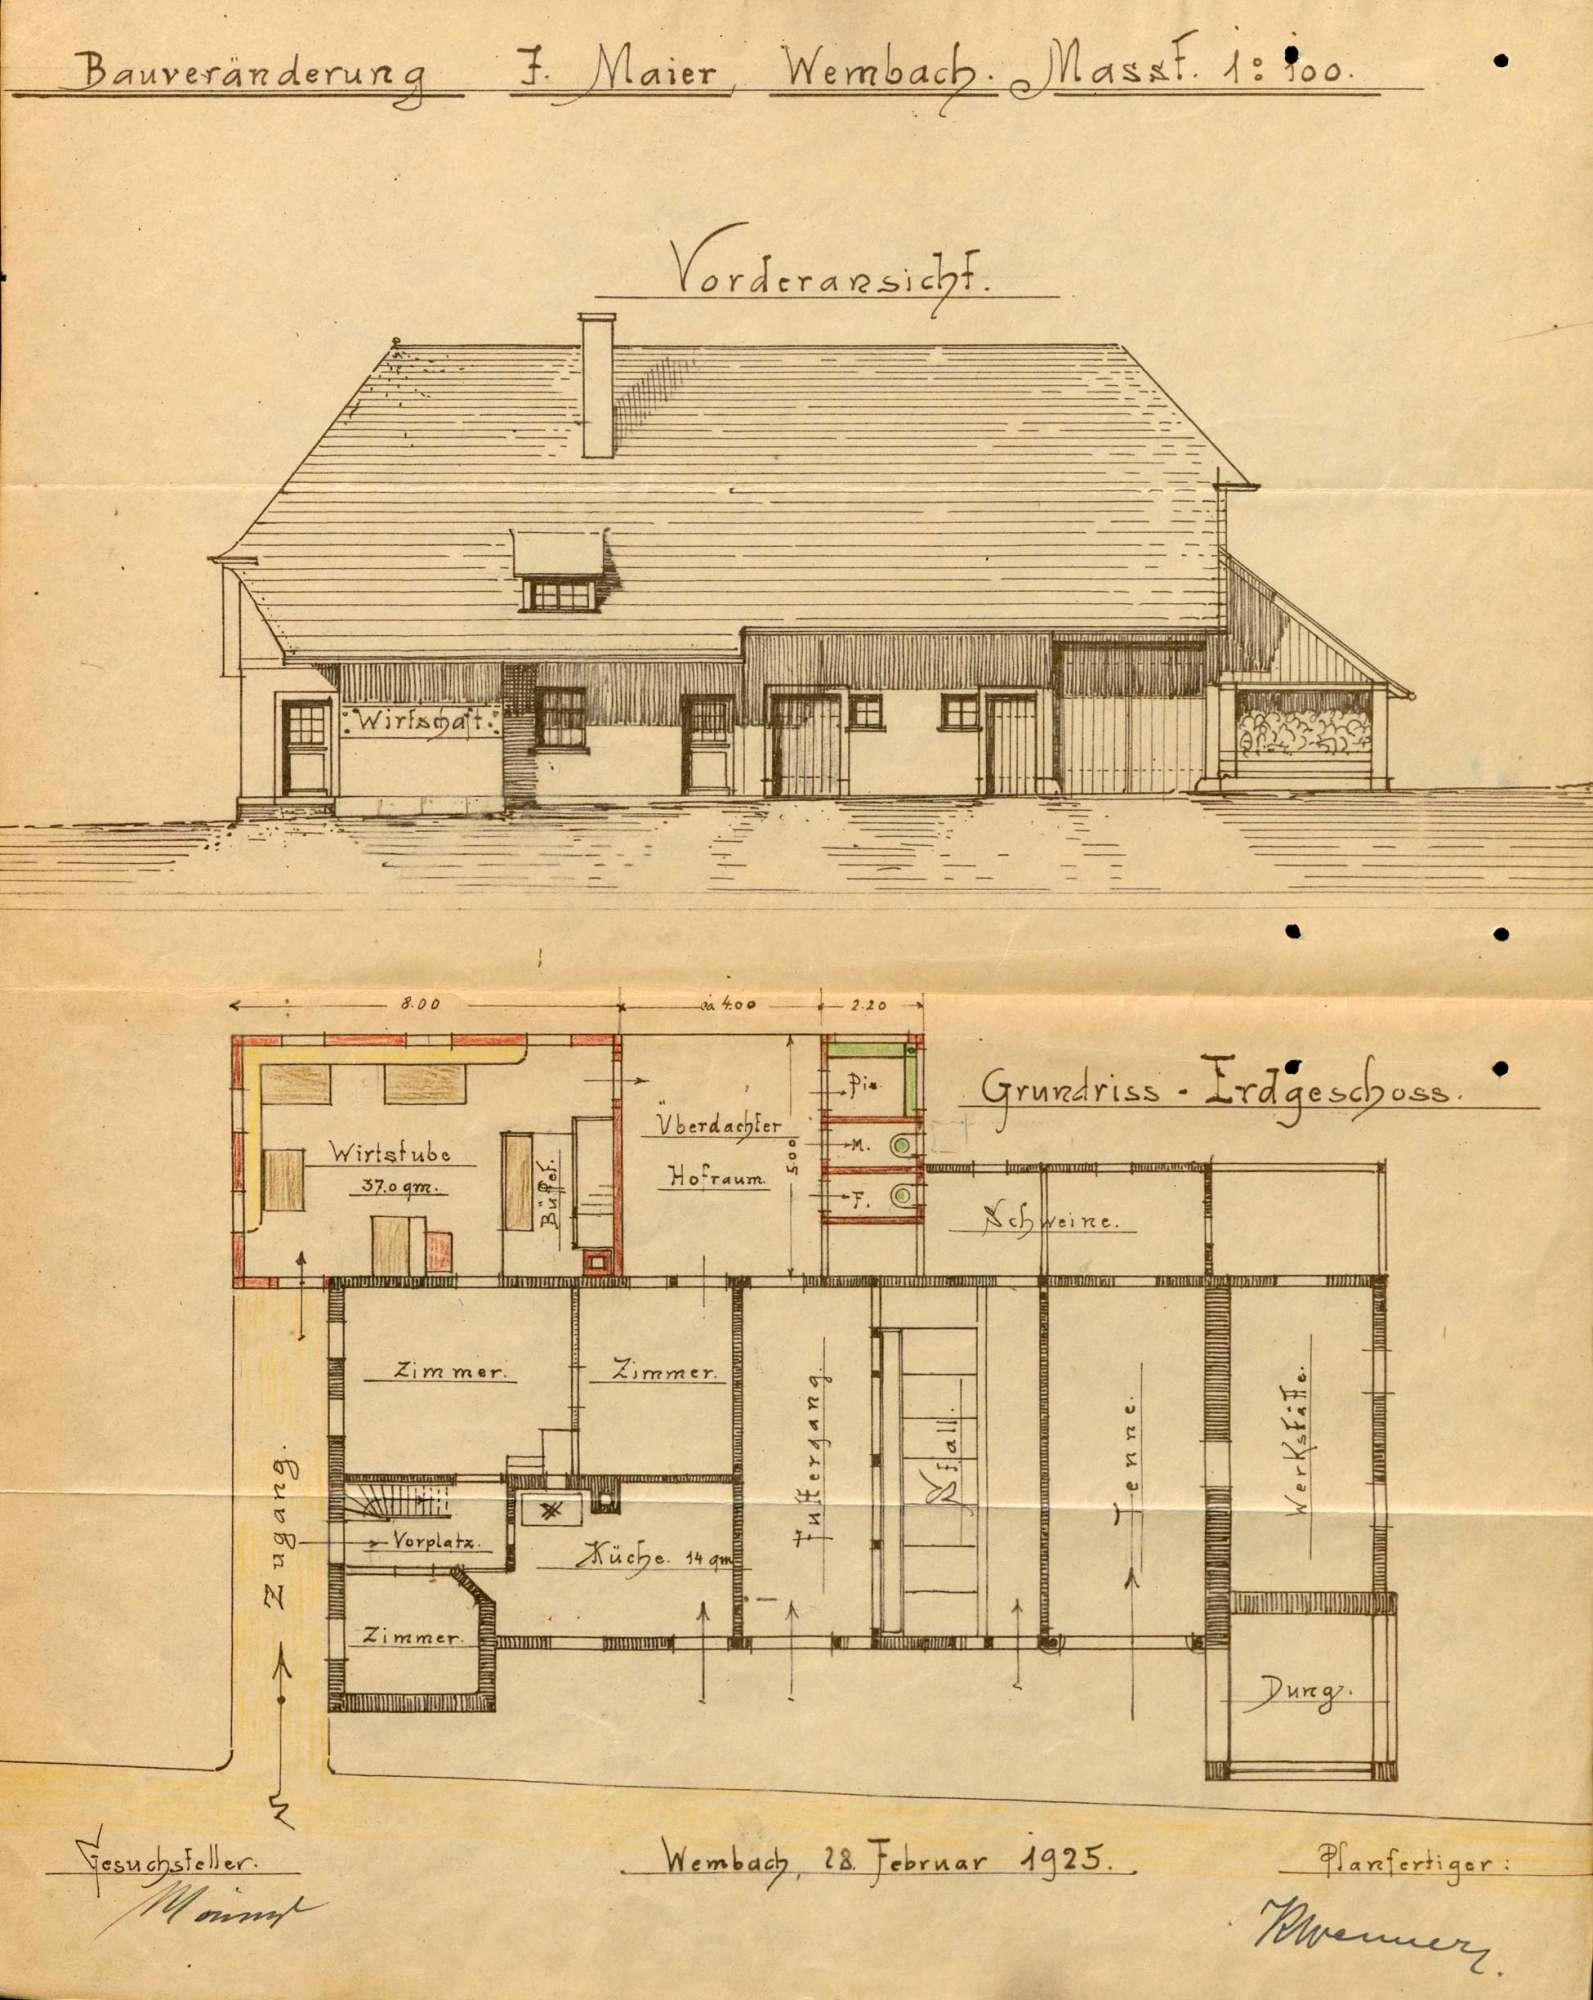 Verleihung der Wirtschaftskonzession für das Gasthaus Zum Maierhof in Wembach, Bild 1